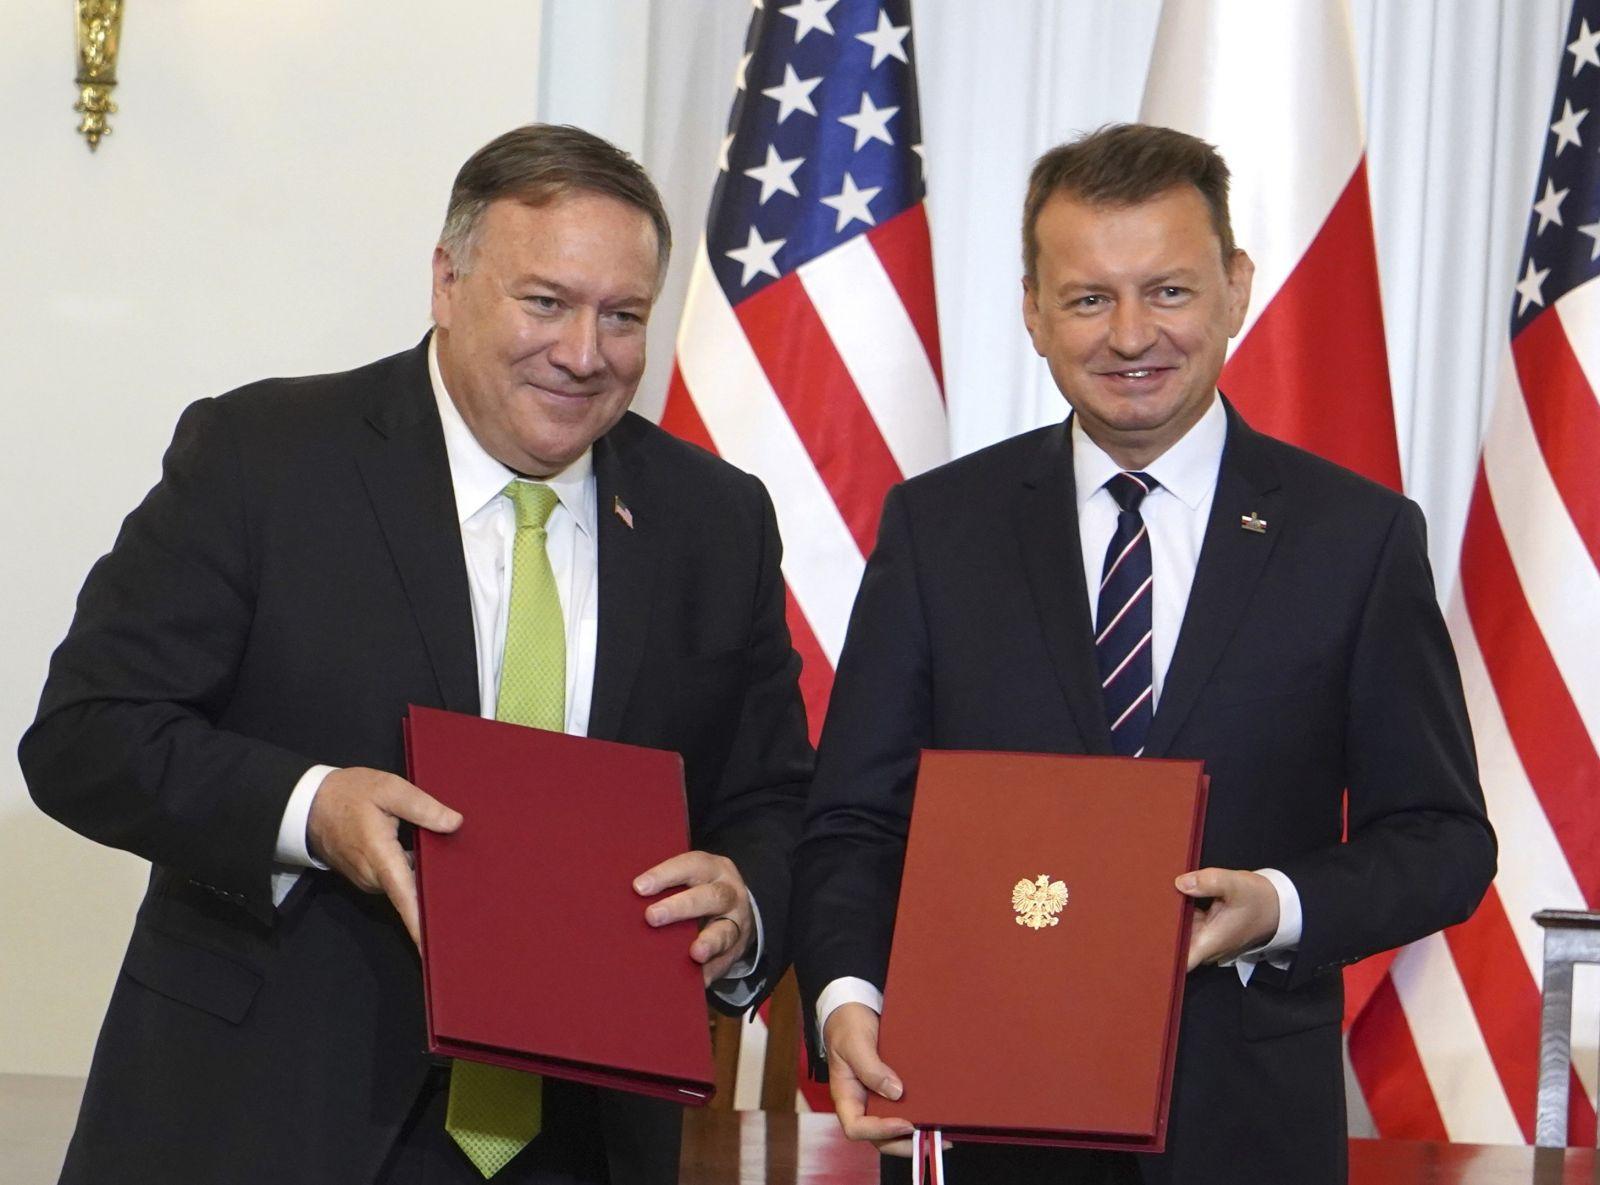 Americký minister zahraničných vecí Mike Pompeo (vľavo) a poľský minister obrany Mariusz Blaszczak pózujú po podpise dohody o vojenskej spolupráci, ktorá zahŕňa zvýšenie počtu amerických vojakov v Poľsku, 15. augusta 2020 vo Varšave